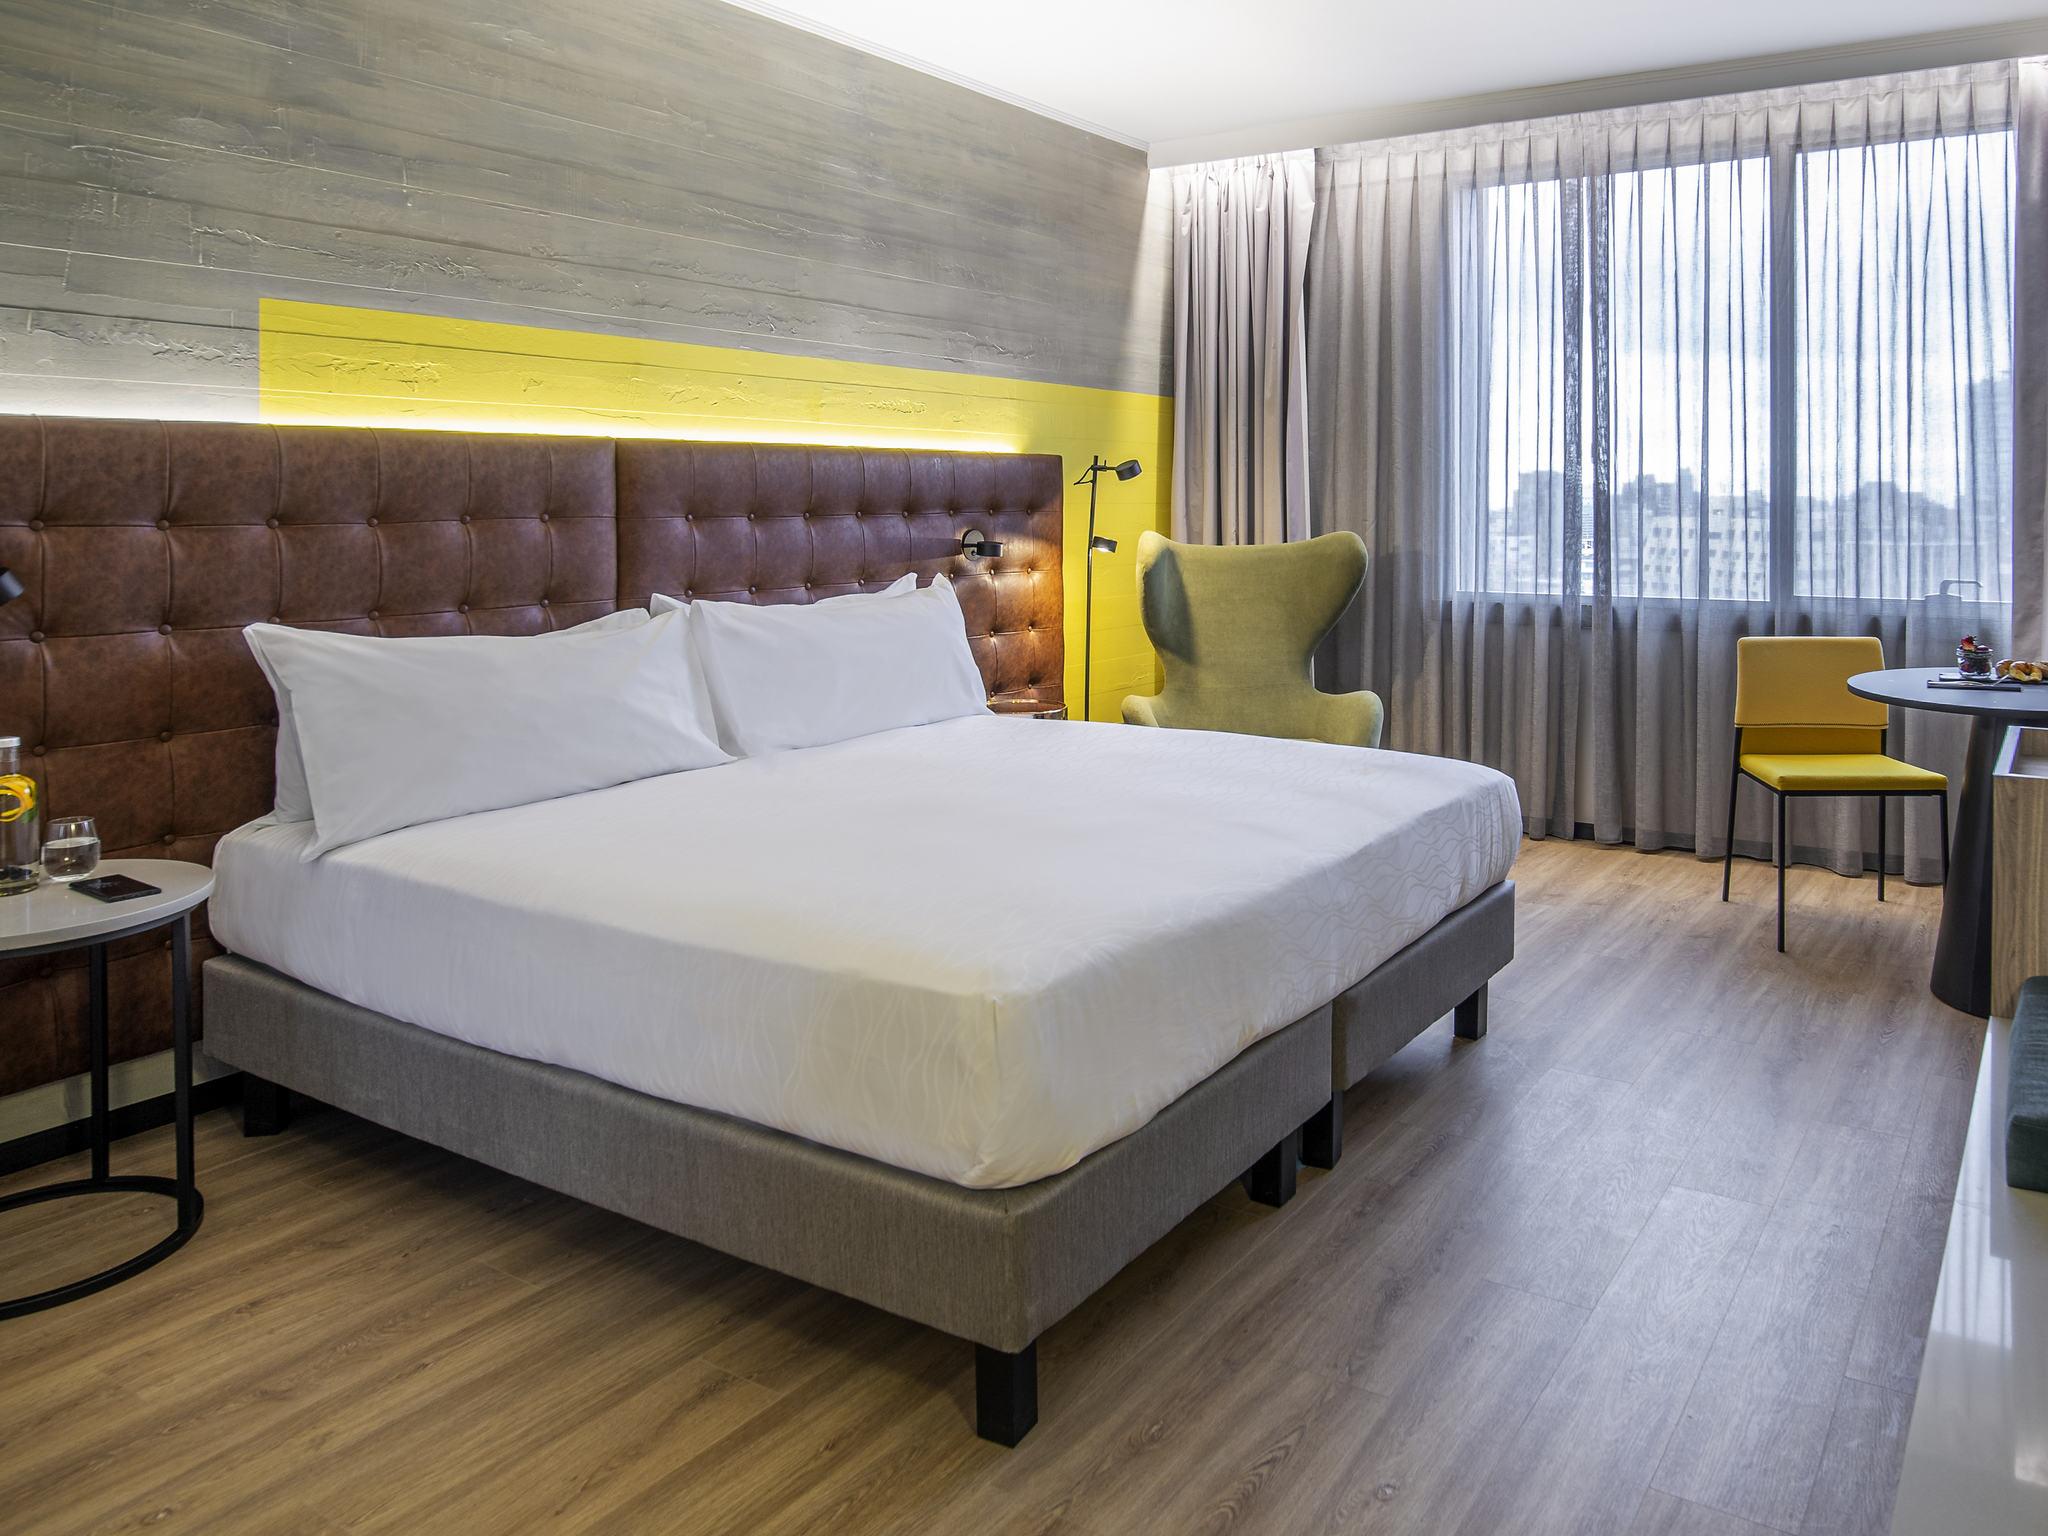 Hotel - Atton El Bosque Santiago by Accorhotels (opening November 2018)